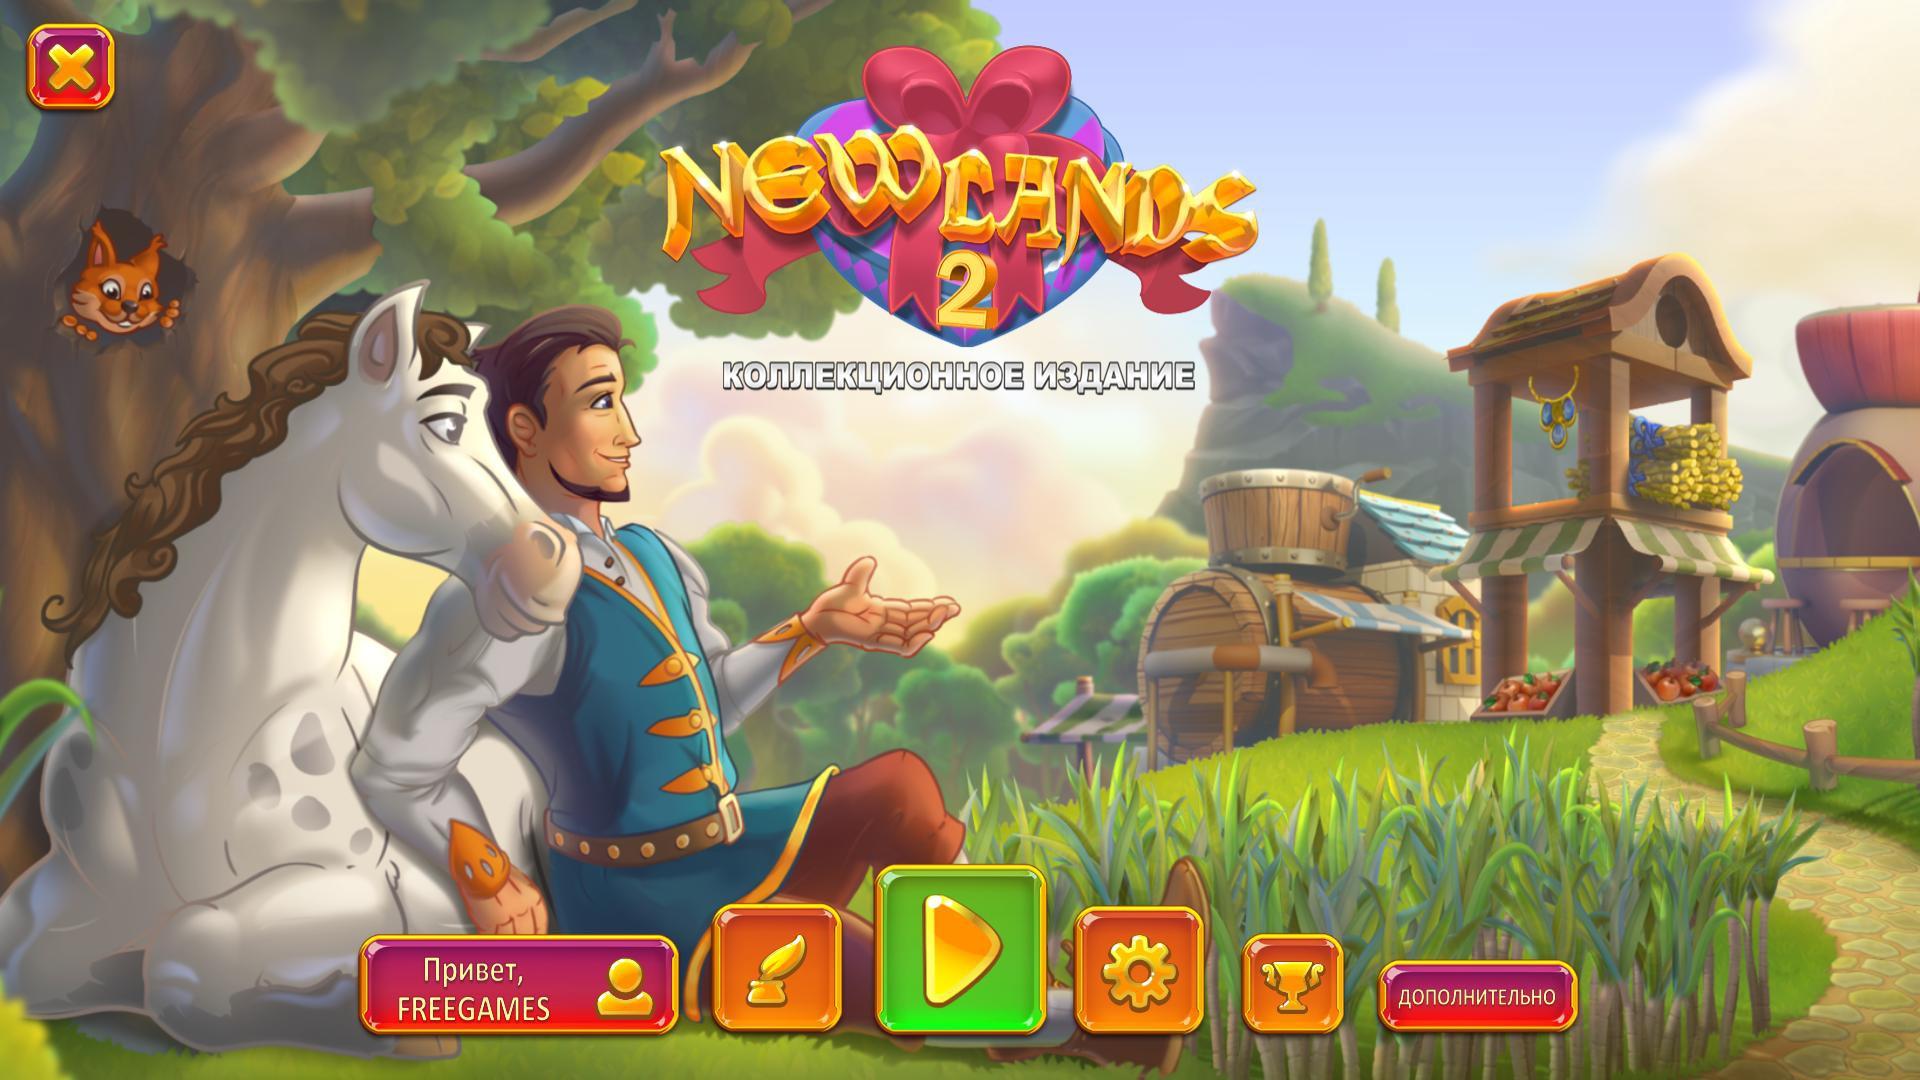 Новые земли 2. Коллекционное издание | New Lands 2 CE (Rus)